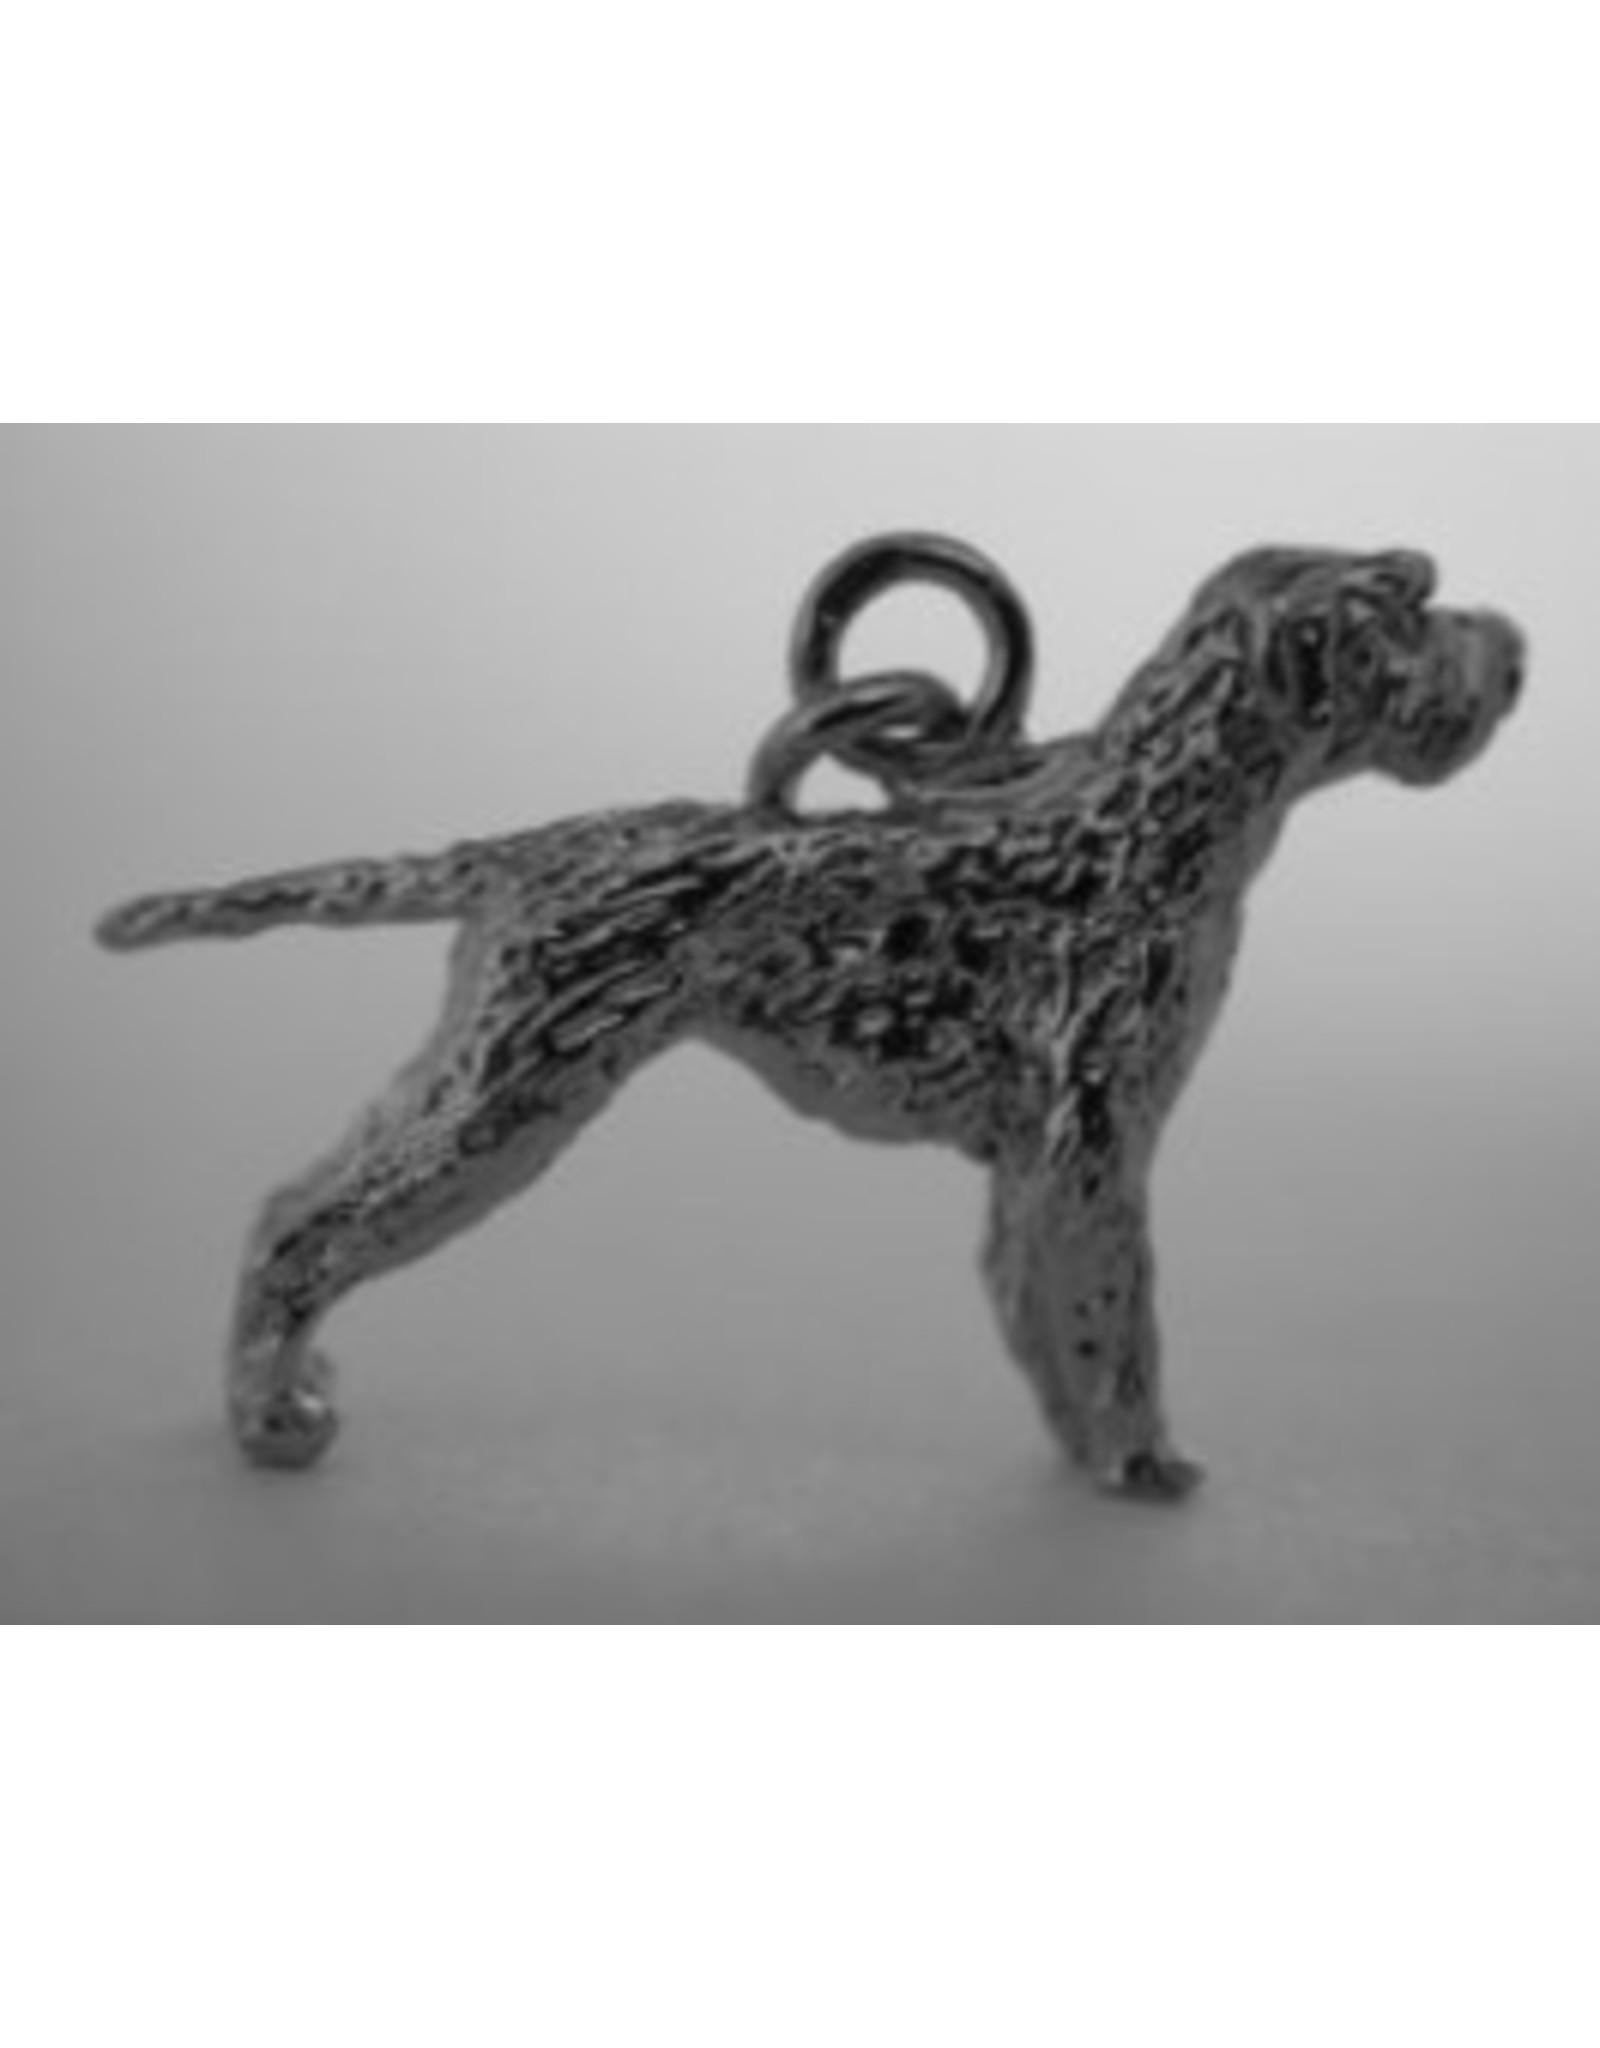 Handmade by Hanneke Weigel Zilveren  Griffon a poil laineaux  boulet